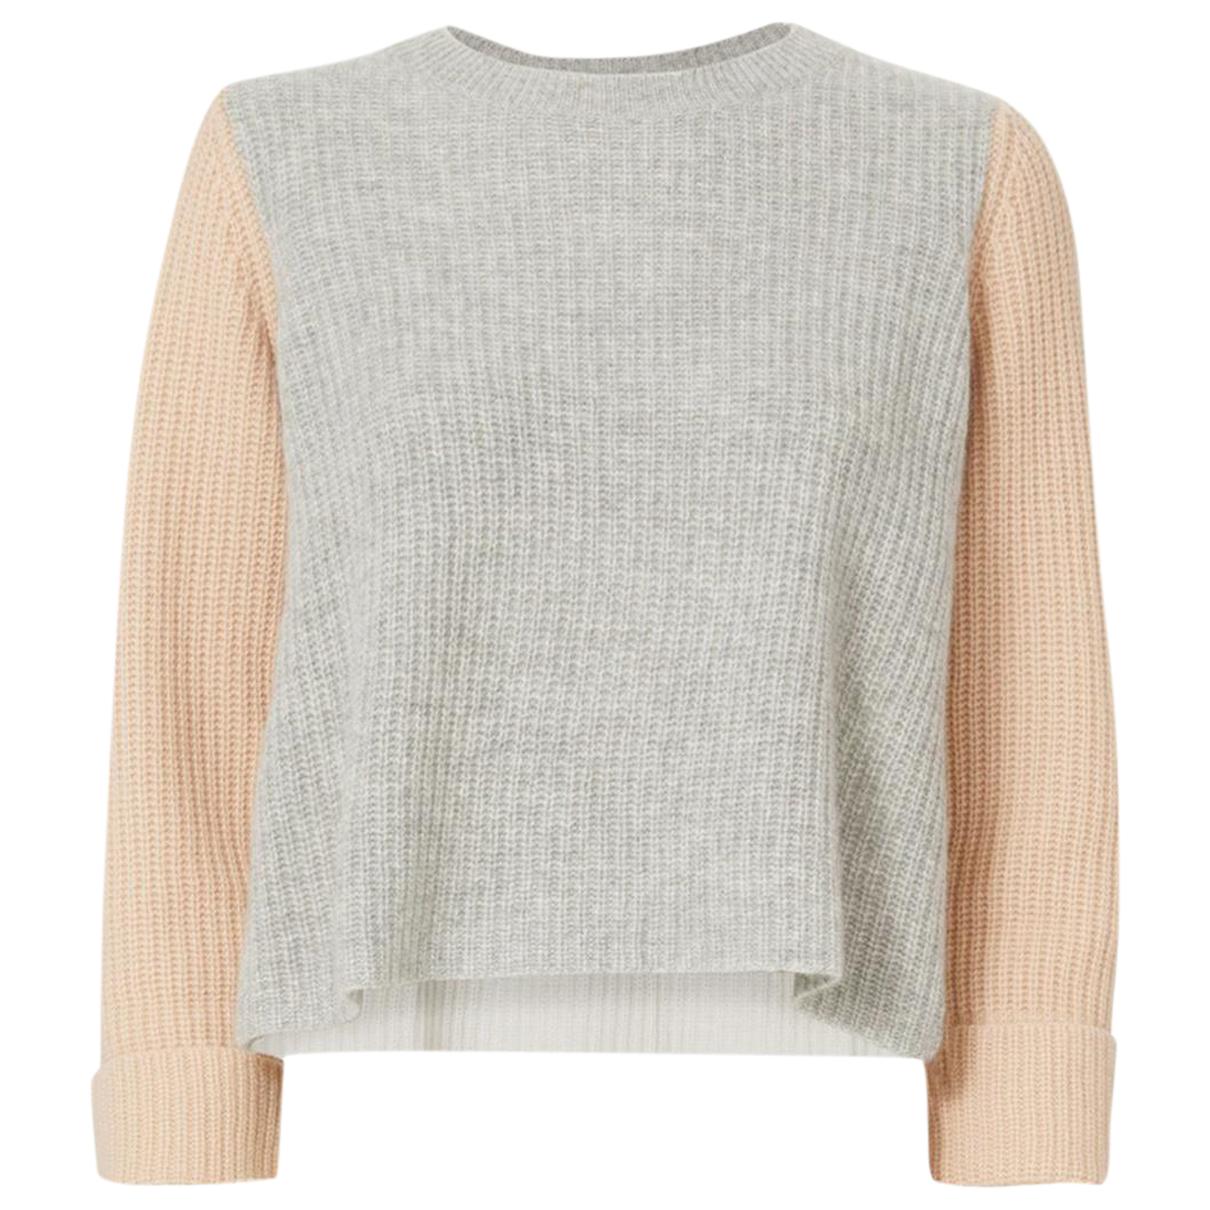 Autre Marque N Multicolour Cashmere Knitwear for Women M International